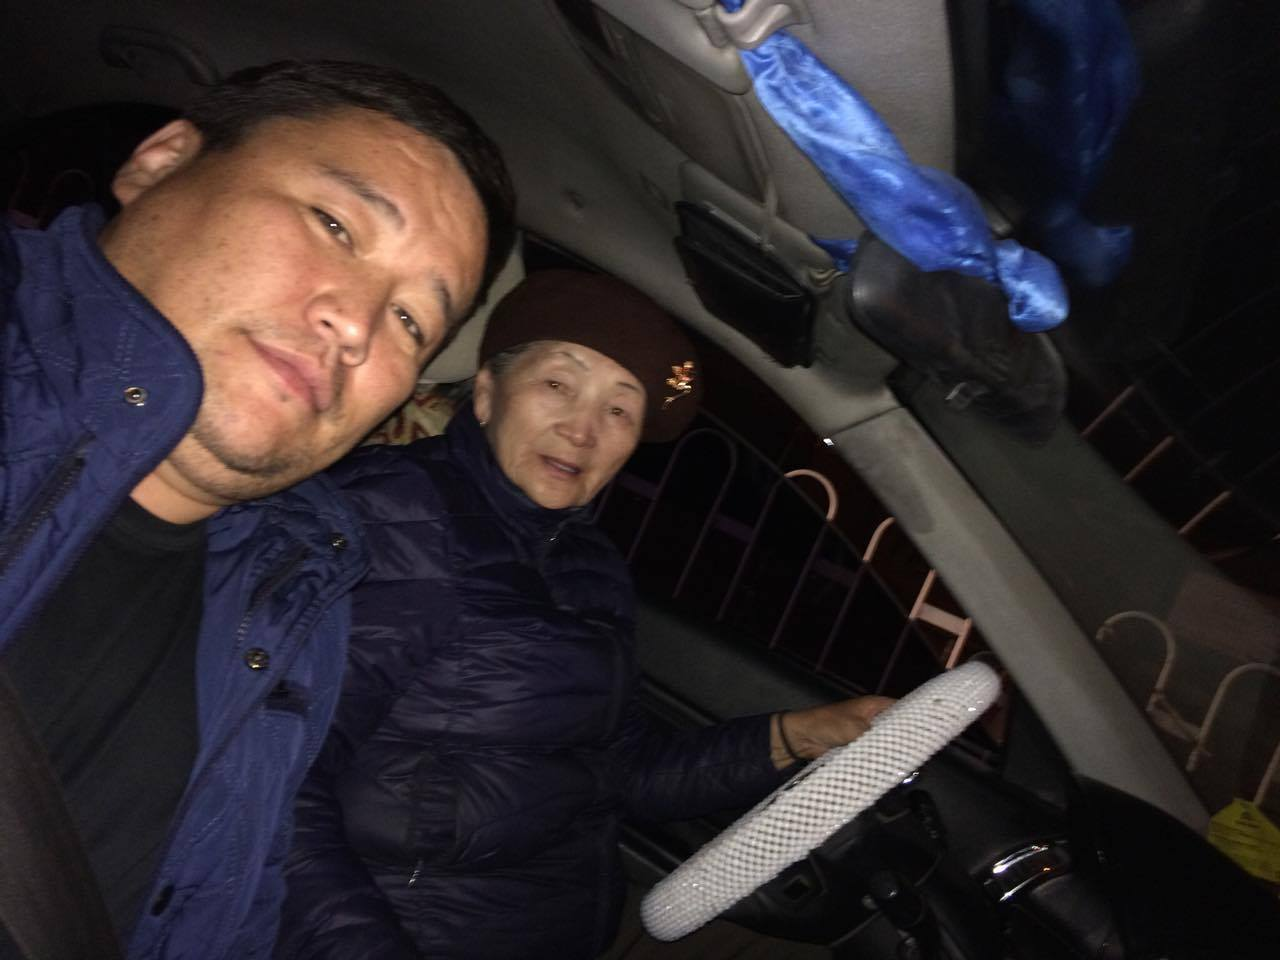 Монголын хамгийн өндөр настай, хамгийн олон жил ЖОЛОО мушгисан эмээ